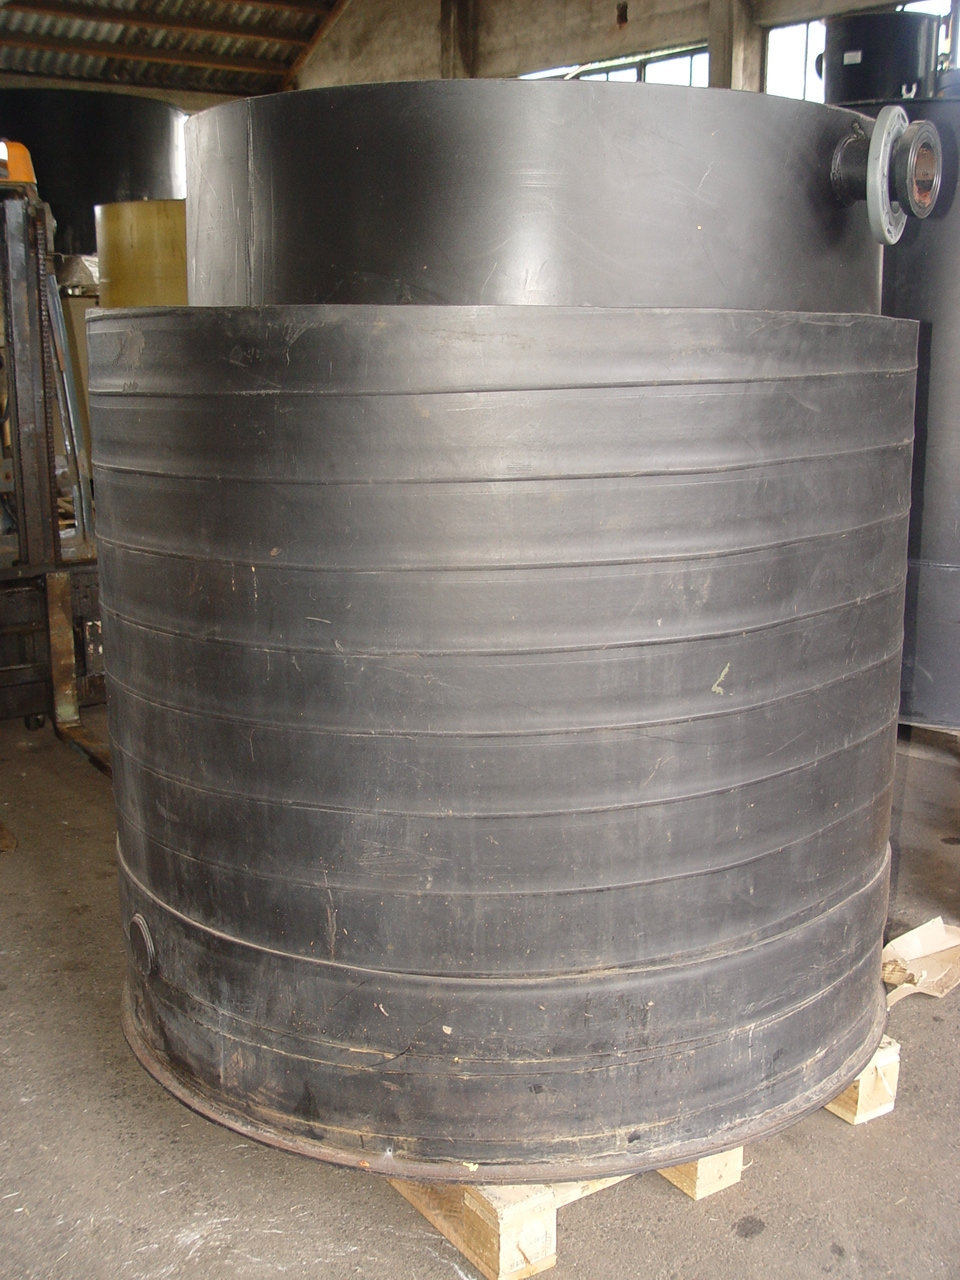 details anzeigen - Behälter mit Auffangwanne / Rundbehälter / Chemikalienlagertank / Speicherbehälter